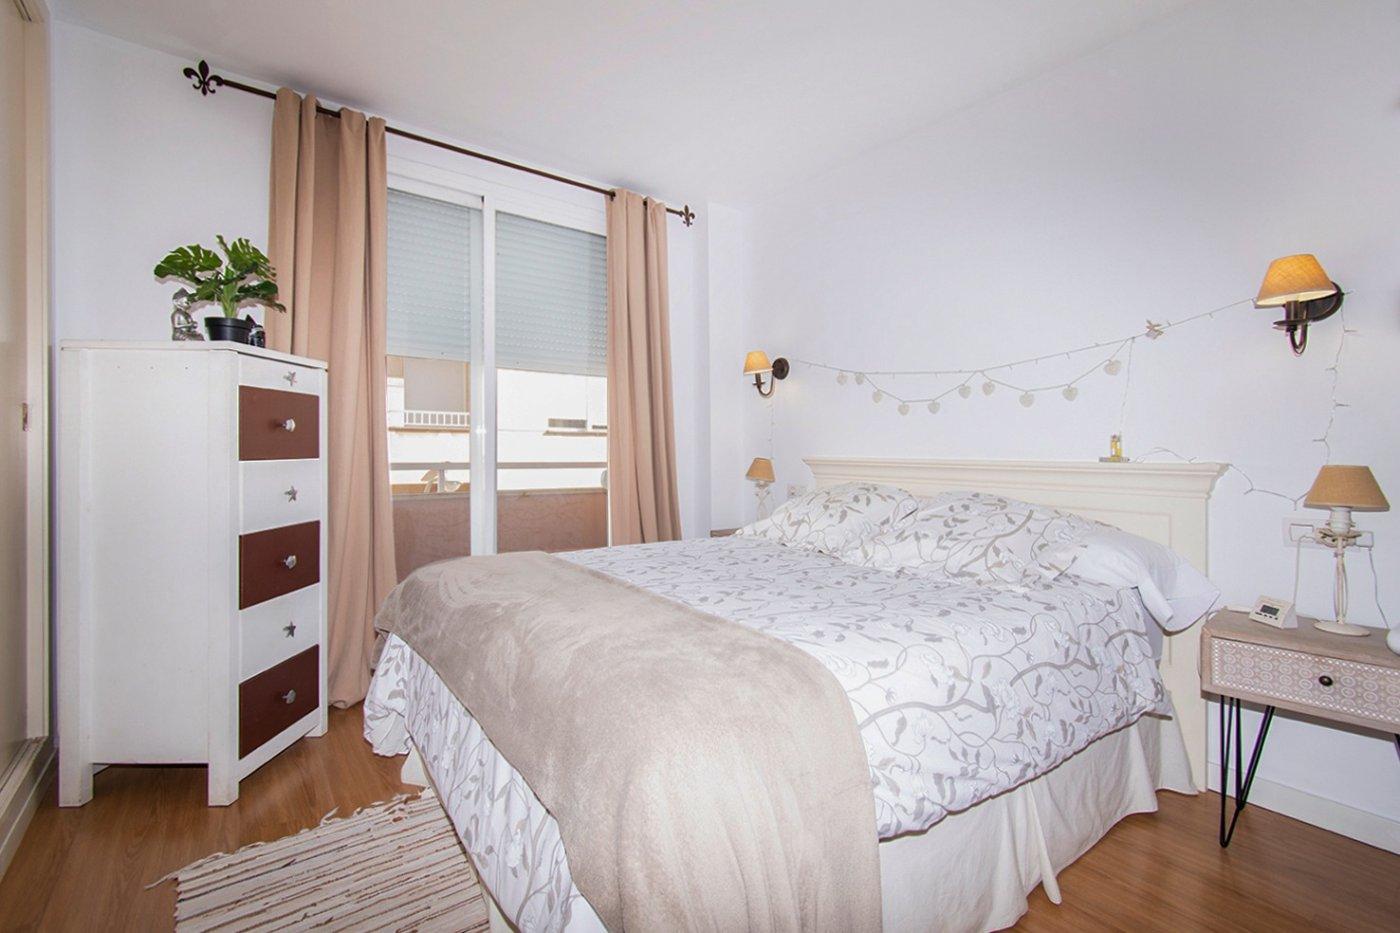 Ático-dÚplex de 3 habitaciones con terraza en planta en pedro garau (parking opcional) - imagenInmueble11